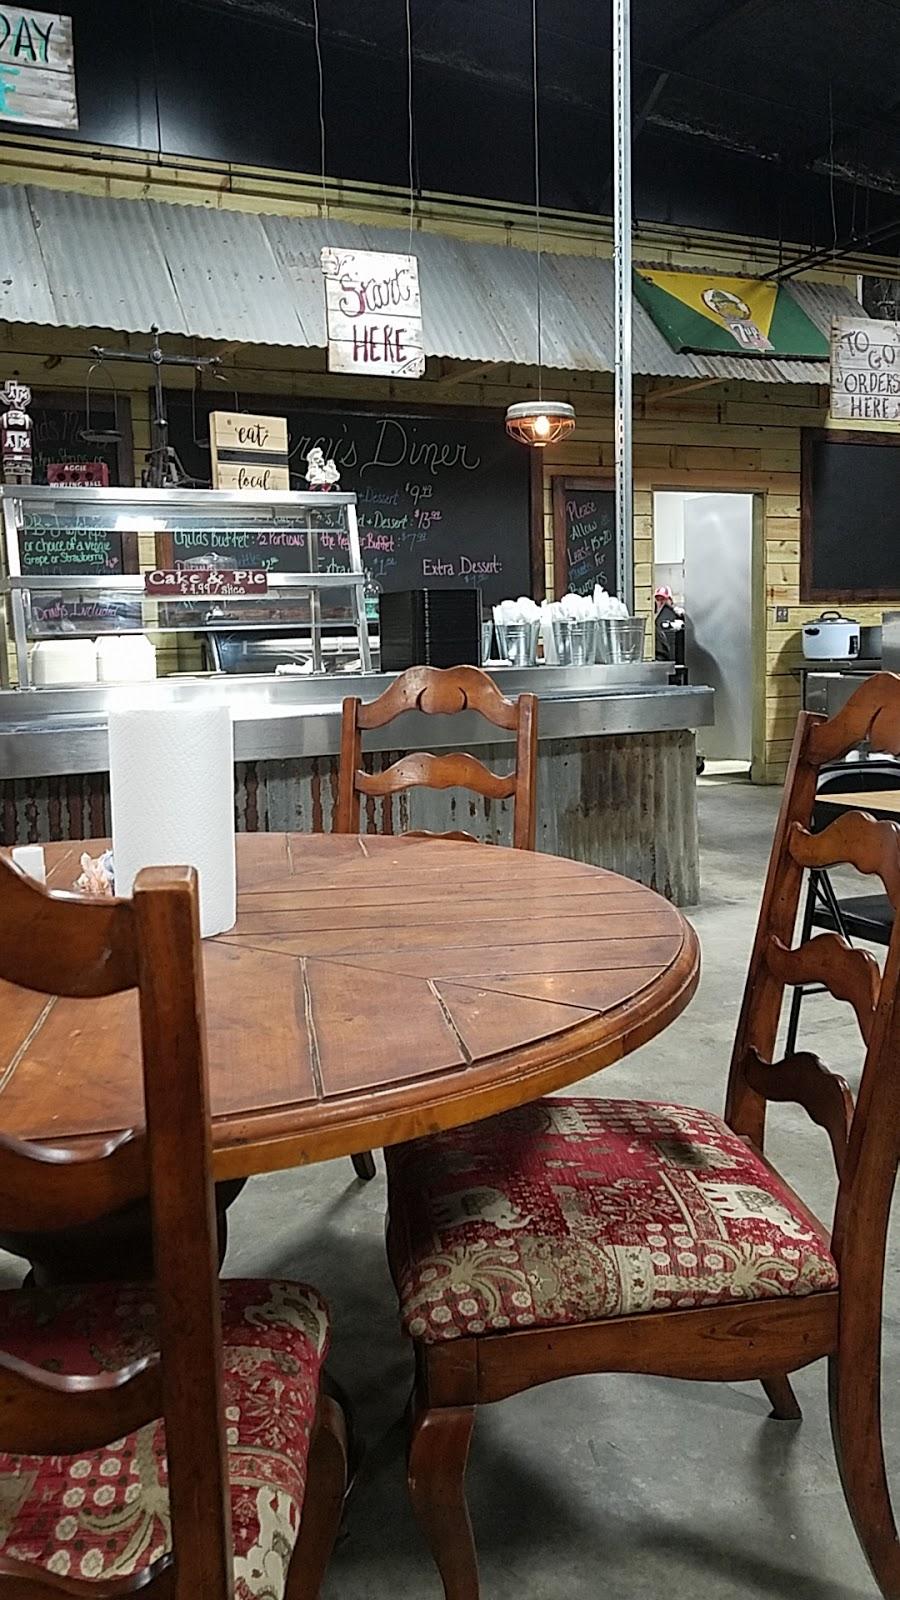 Lercys Diner West - restaurant    Photo 7 of 10   Address: 1419 N Main St, Mont Belvieu, TX 77520, USA   Phone: (281) 576-6975